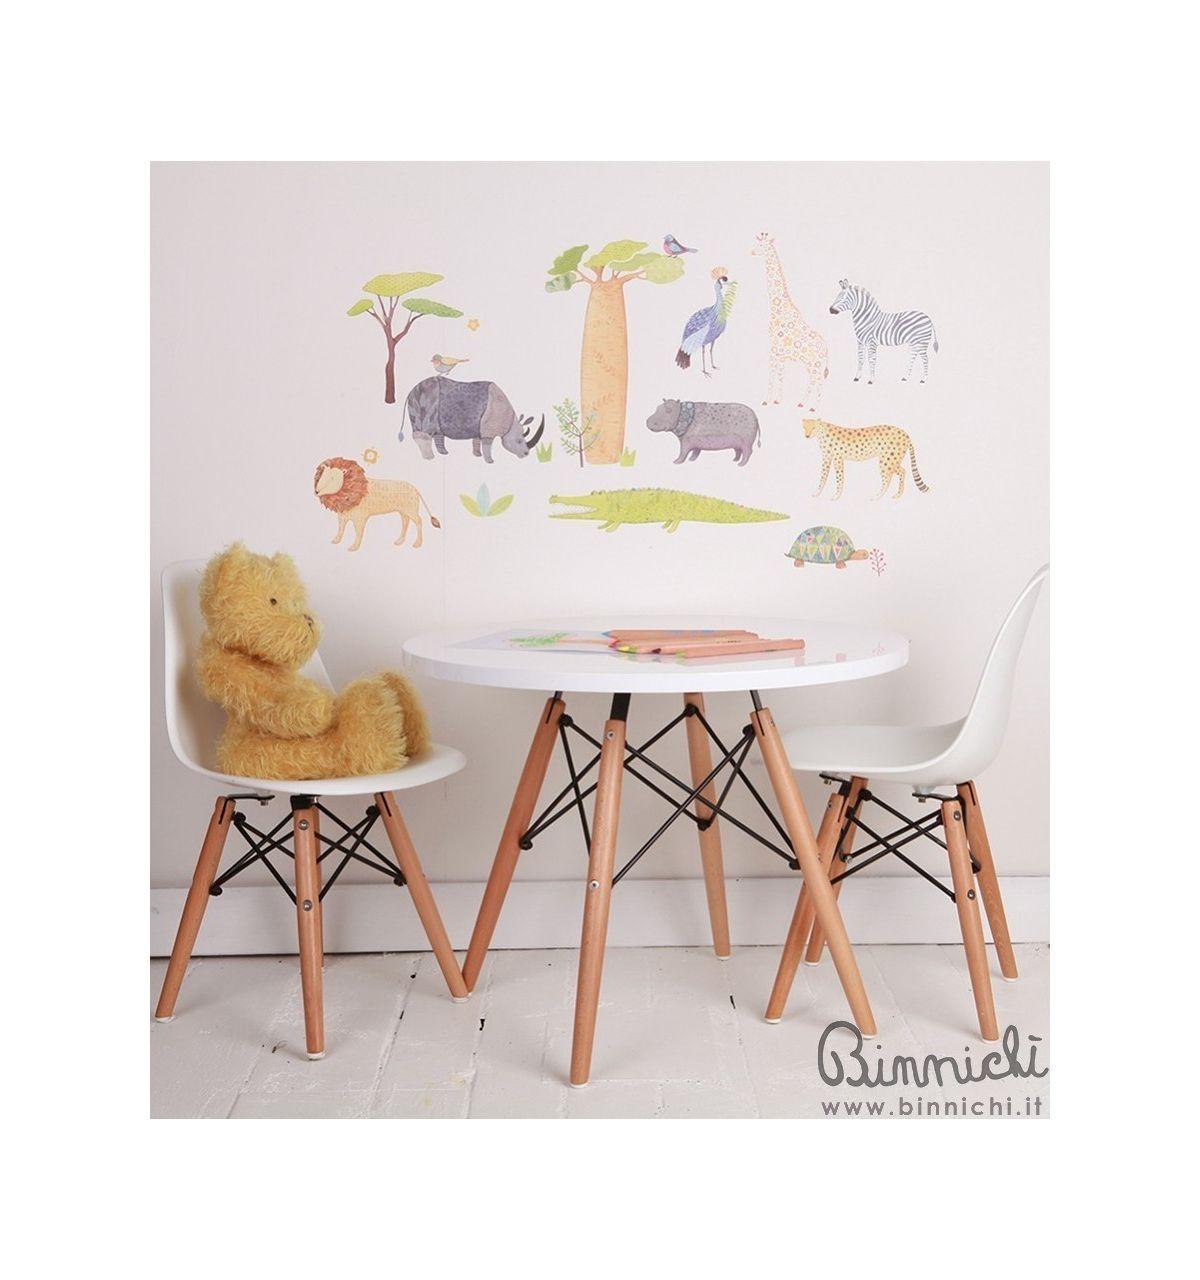 C r eames tavolino design per bambini - Tavolini per bambini disney ...